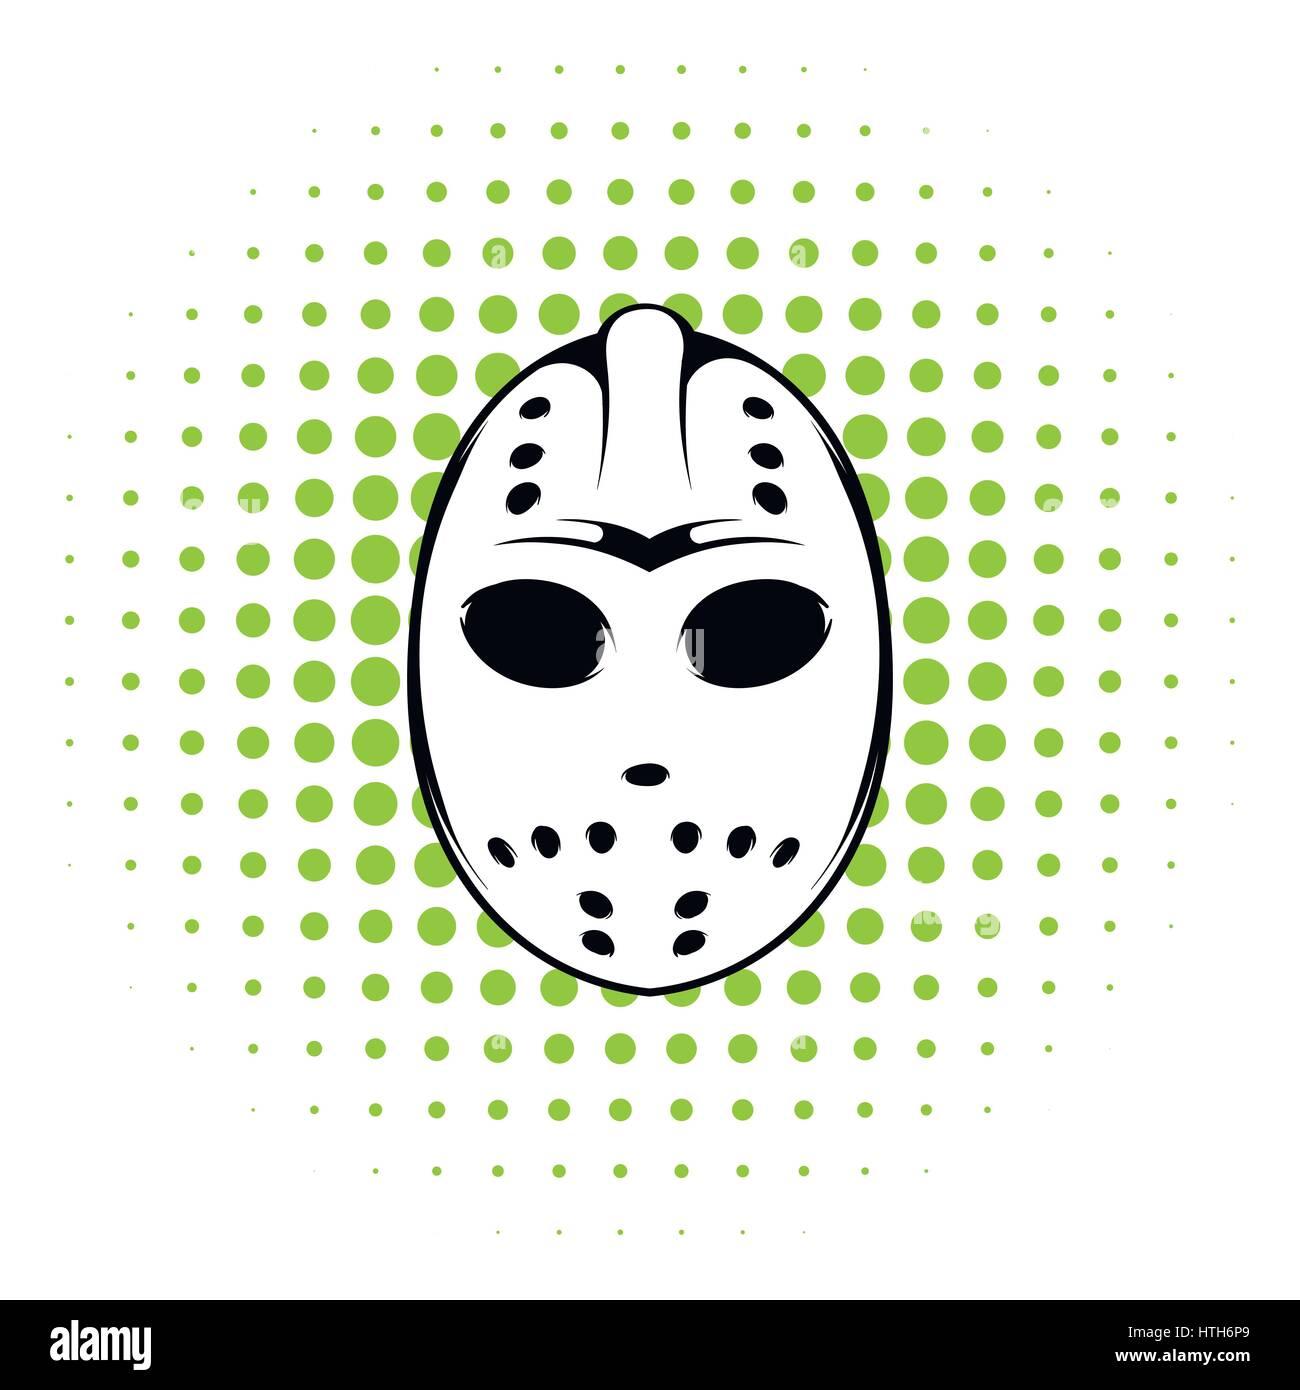 Hockey mask icon, comics style - Stock Image